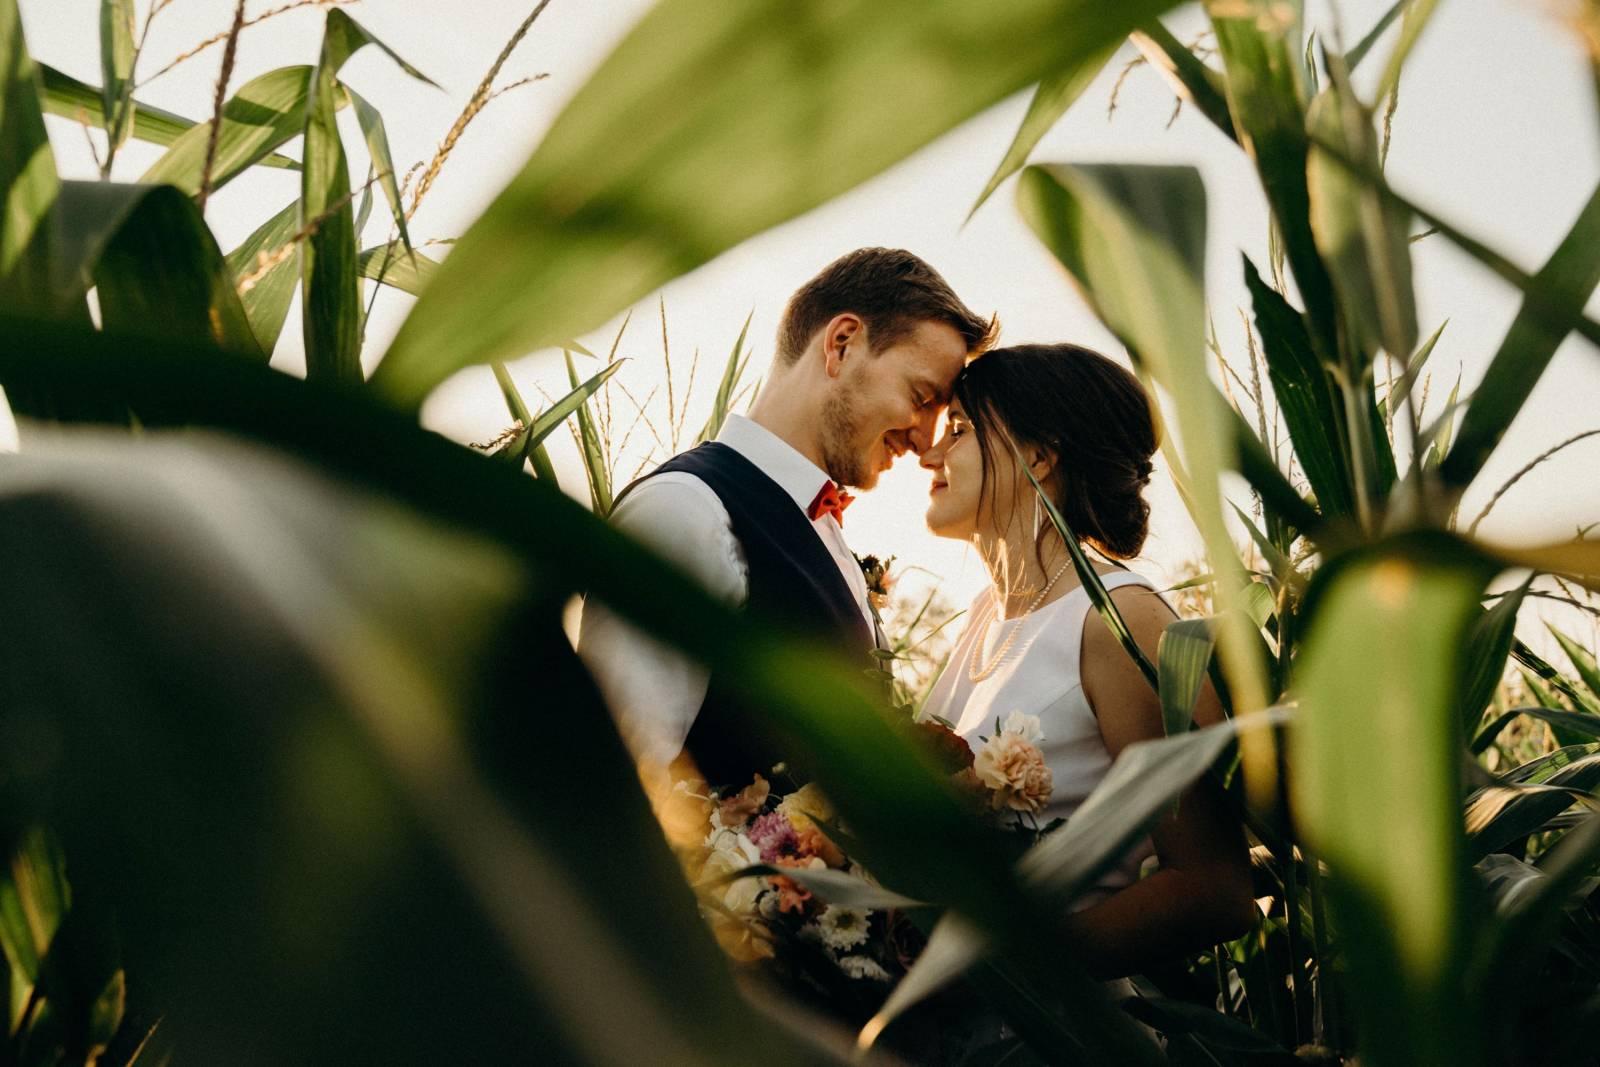 Frankie and Fish - Trouwfotograaf - Huwelijksfotograaf - Bruidsfotograaf - House of Weddings - 29